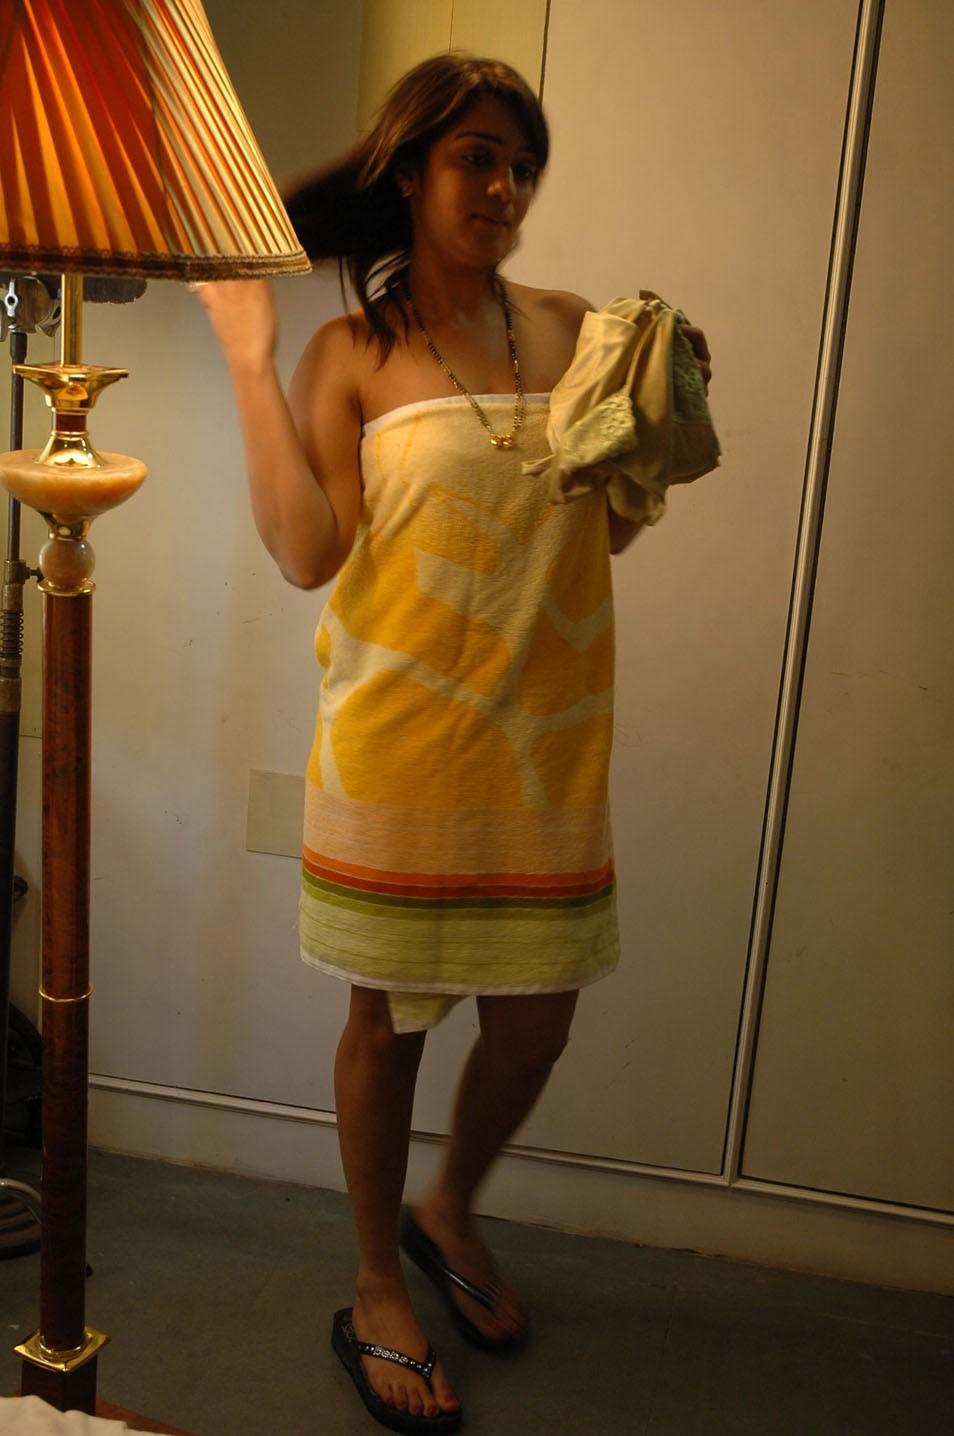 sexyvideos photos nikitha hot photos in towel south indian actress